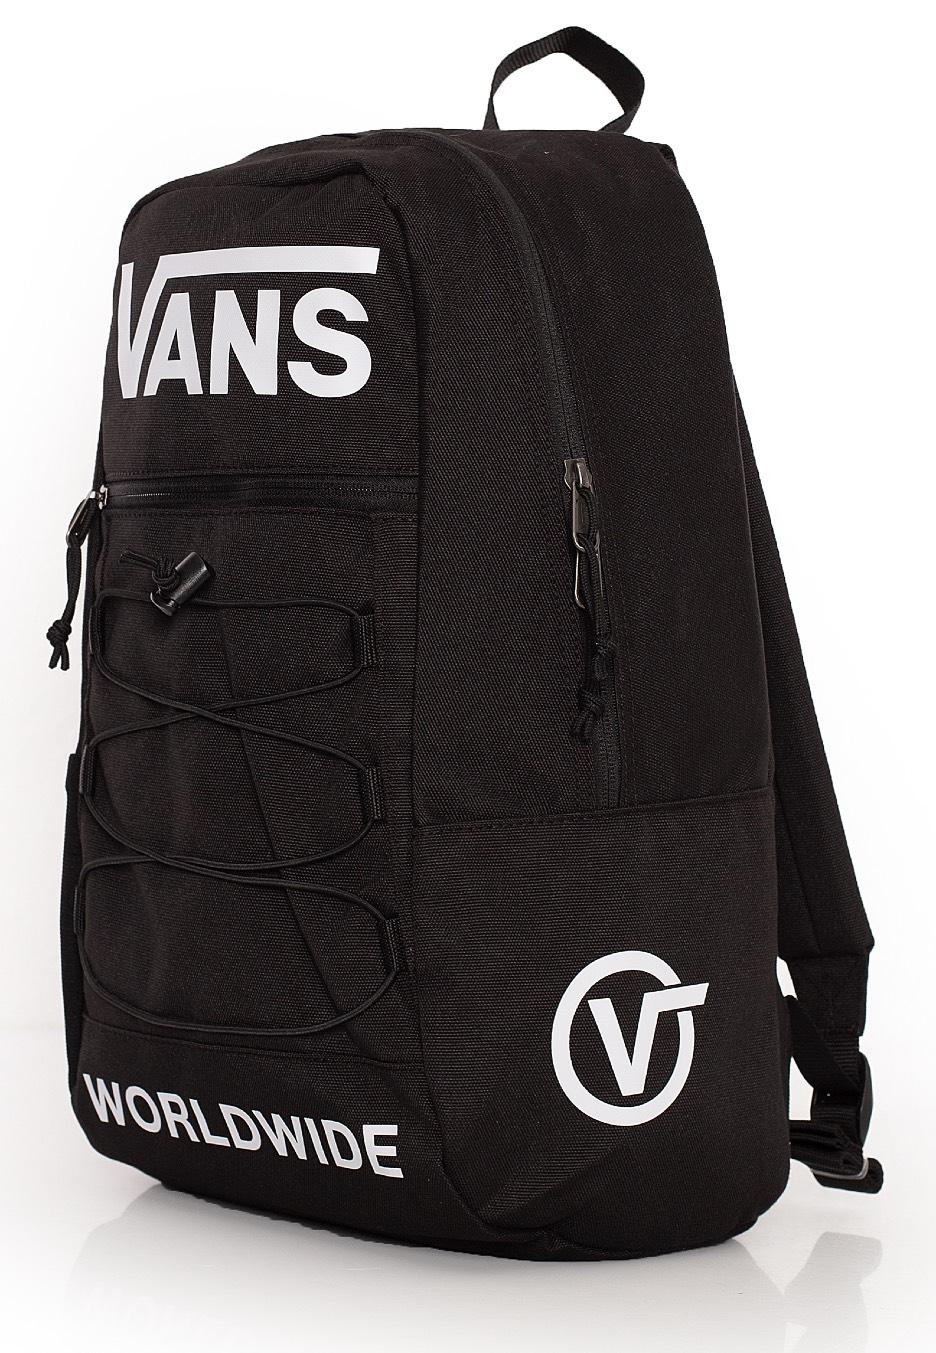 Vans Snag Backpack Black Distortion Mochila